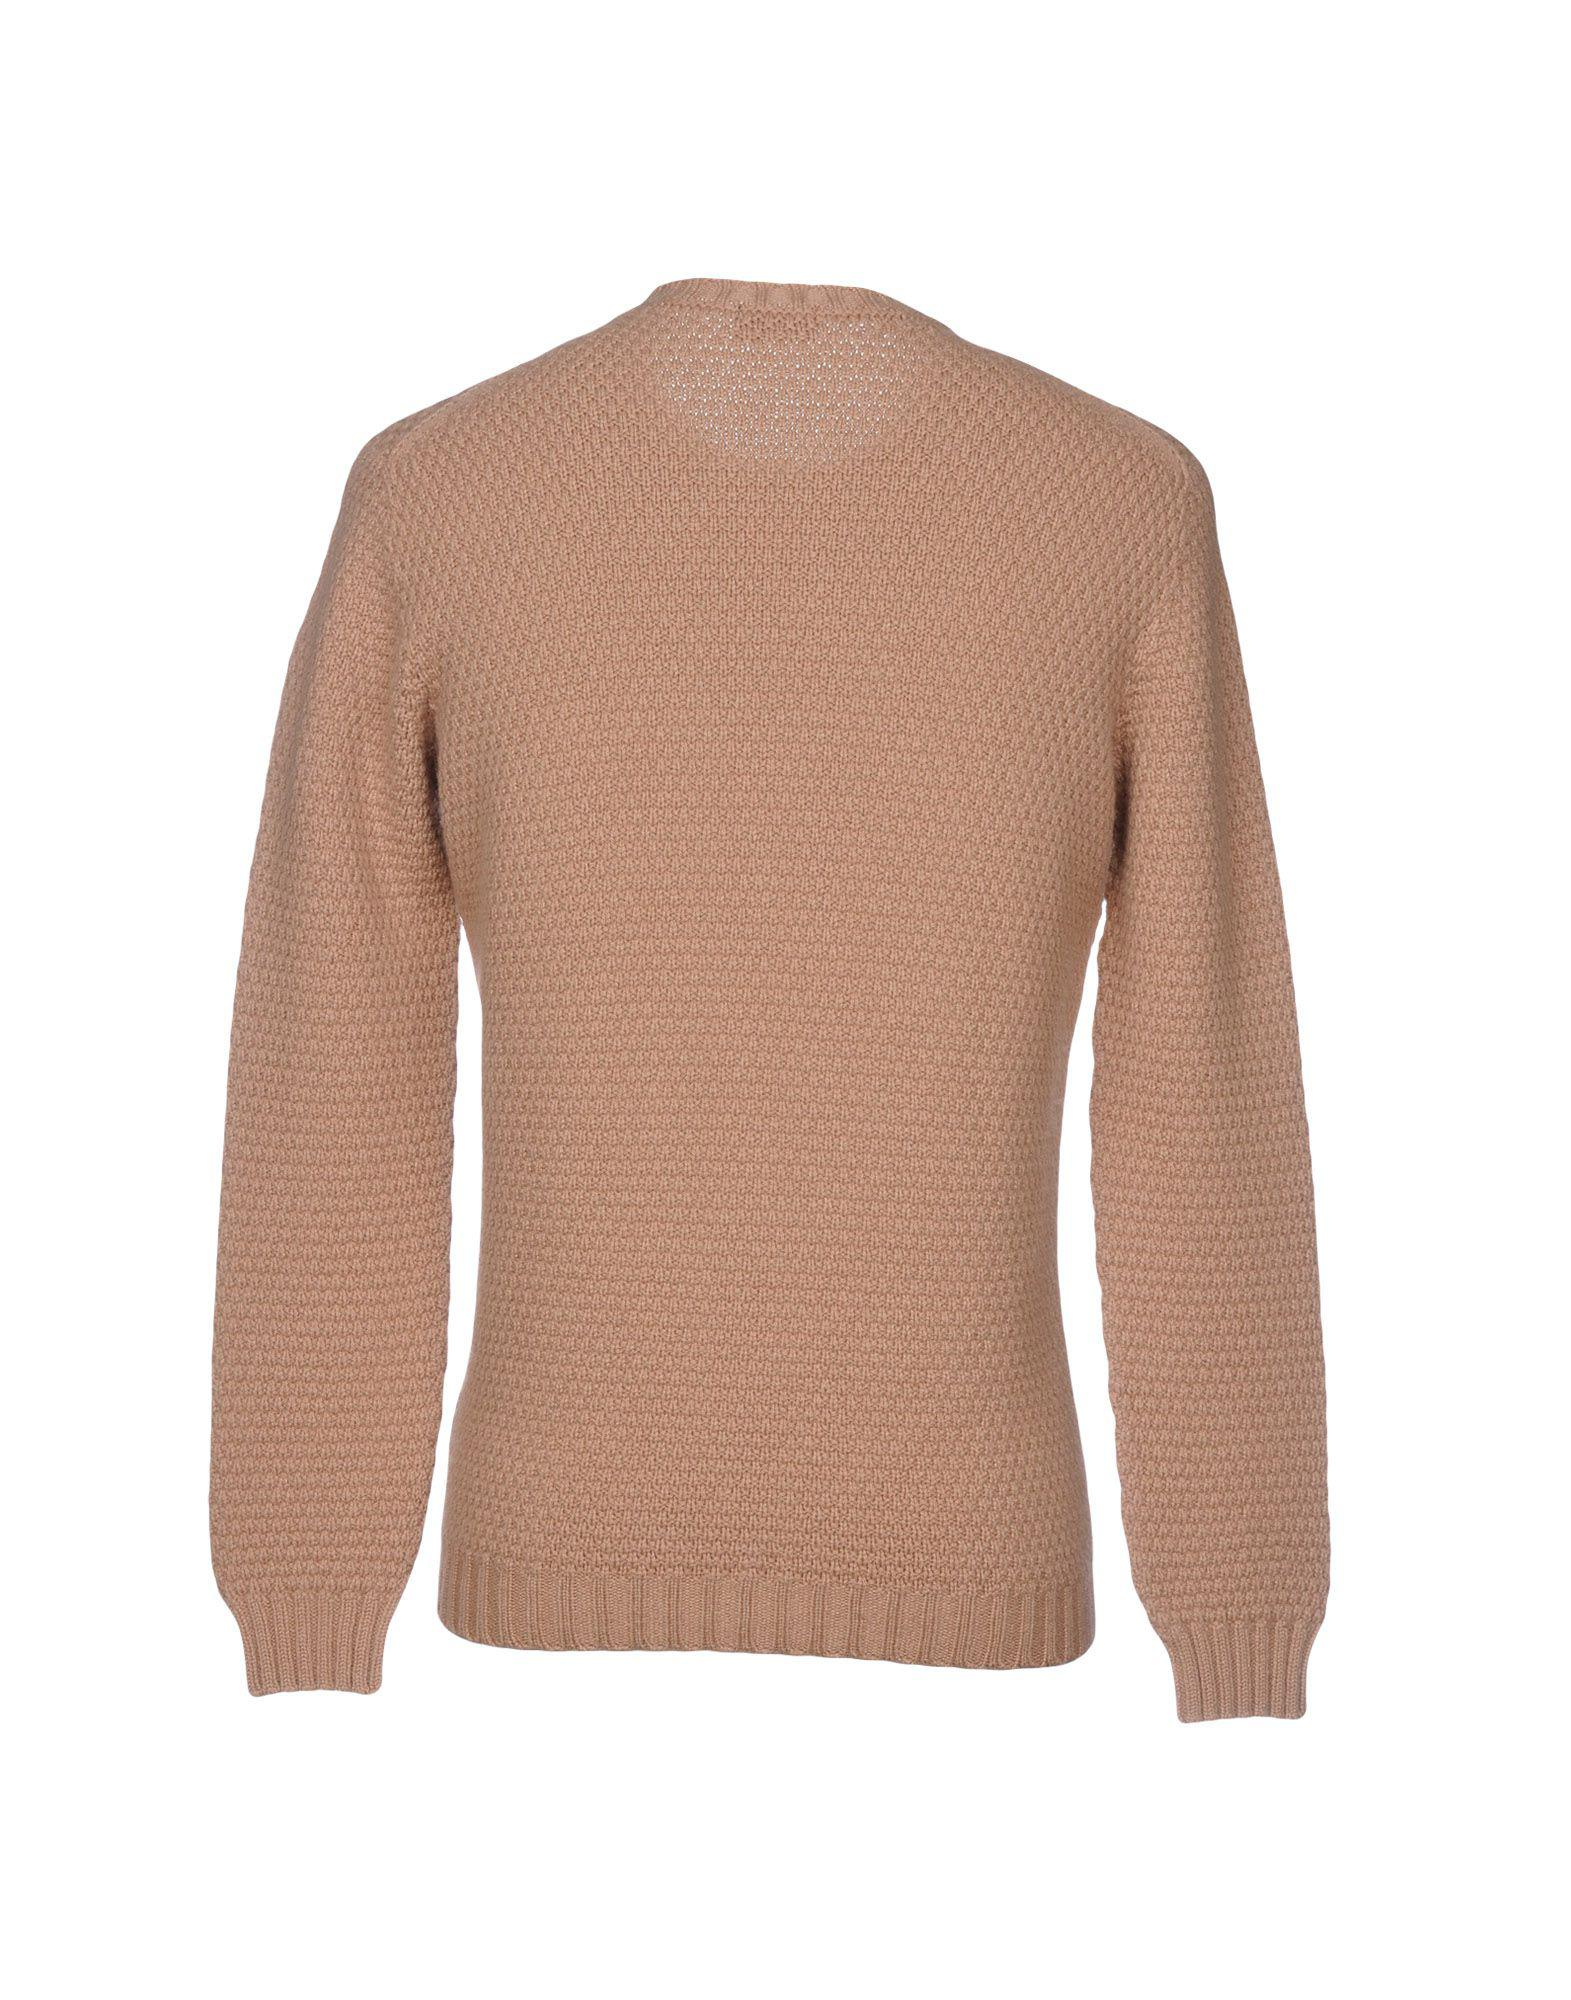 85c244a57bda72 Lyst - Drumohr Sweater for Men - Save 9%